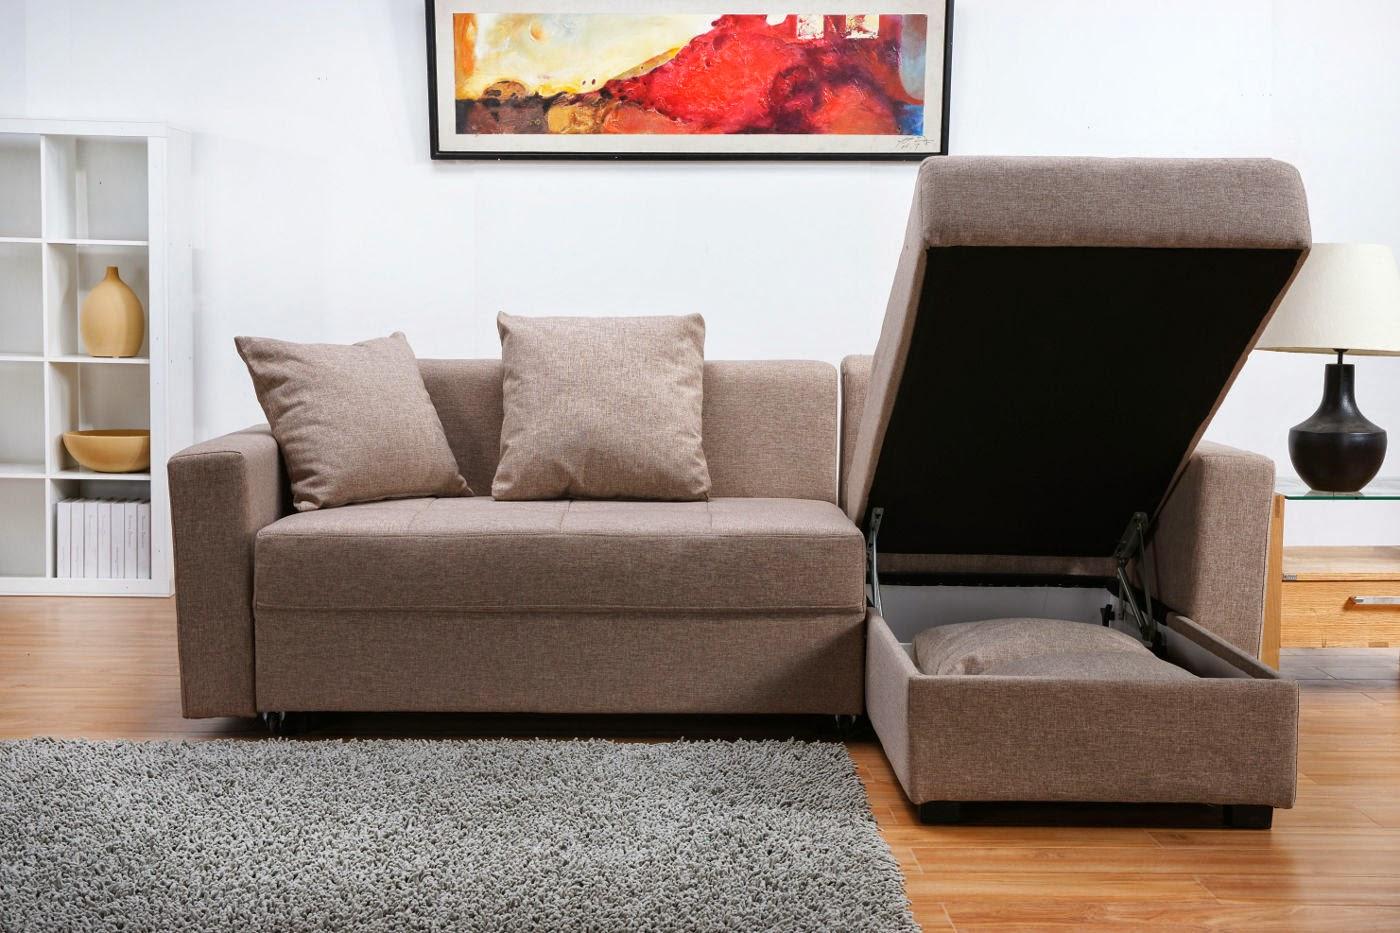 sofa murah di cianjur mor green jual bed paling keren bahan jati bandung